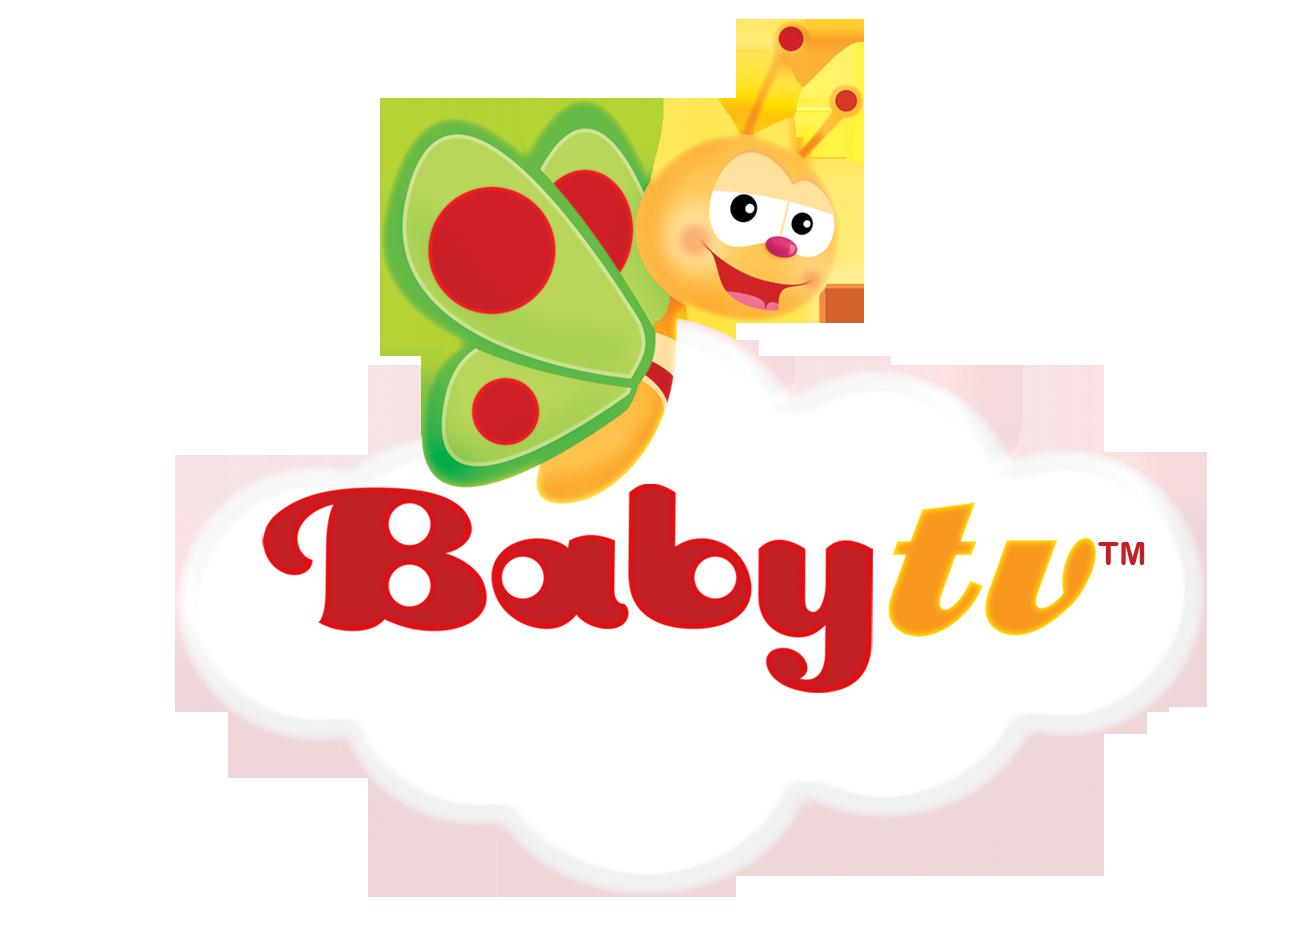 BabyTV_Logo_TM